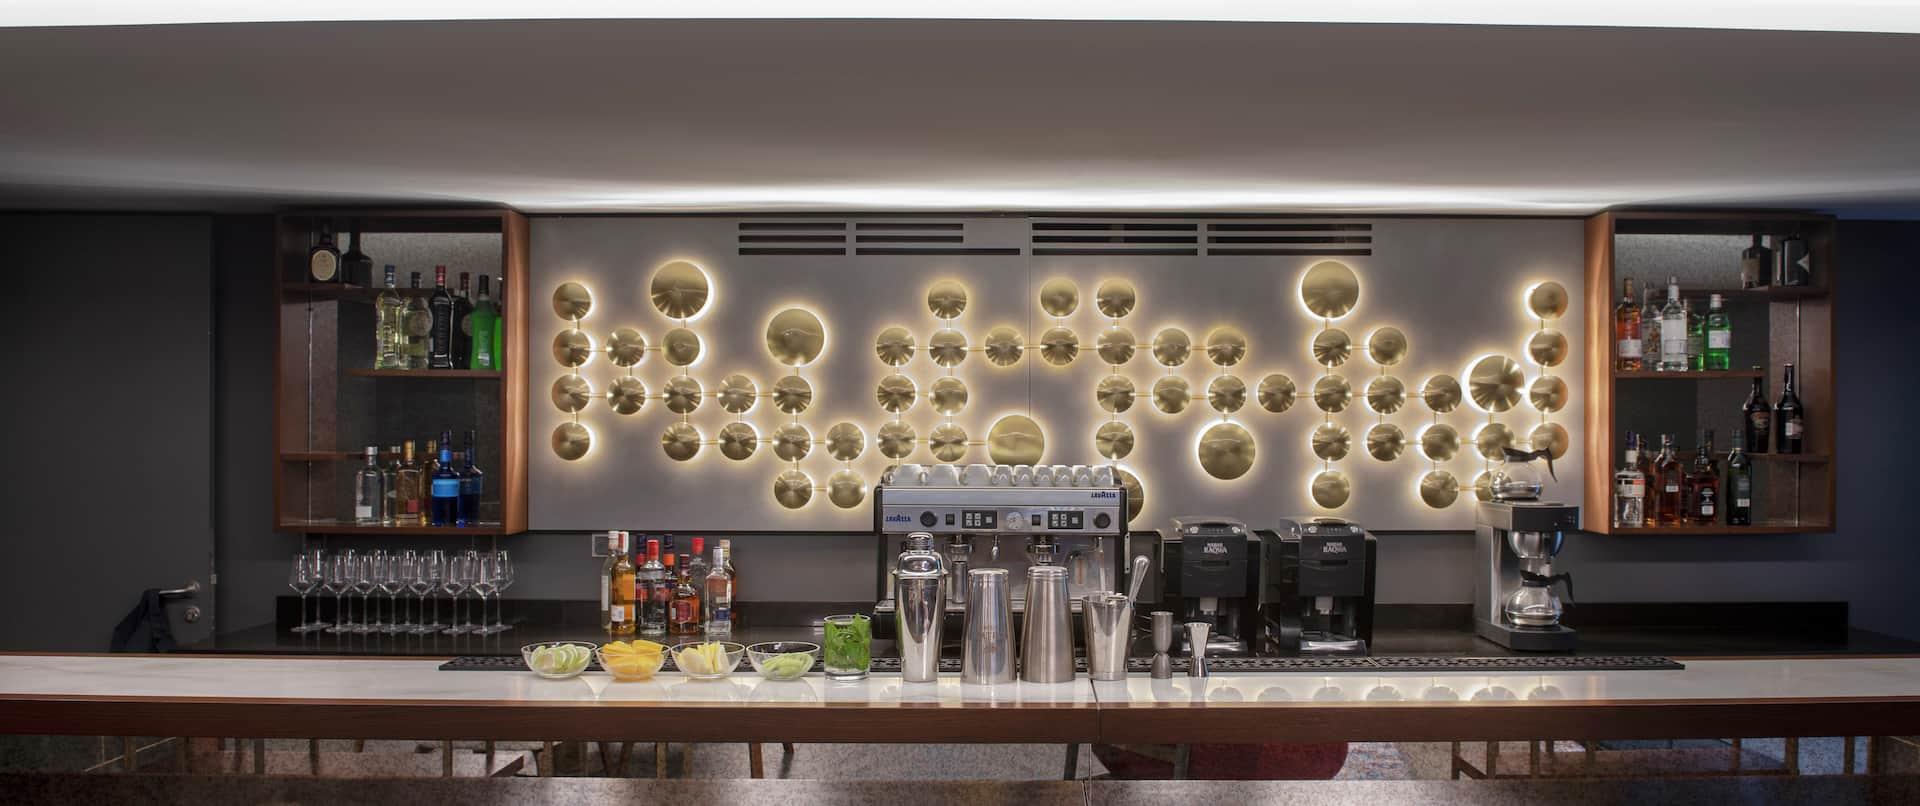 Hilton Hotel Bar in Lobby